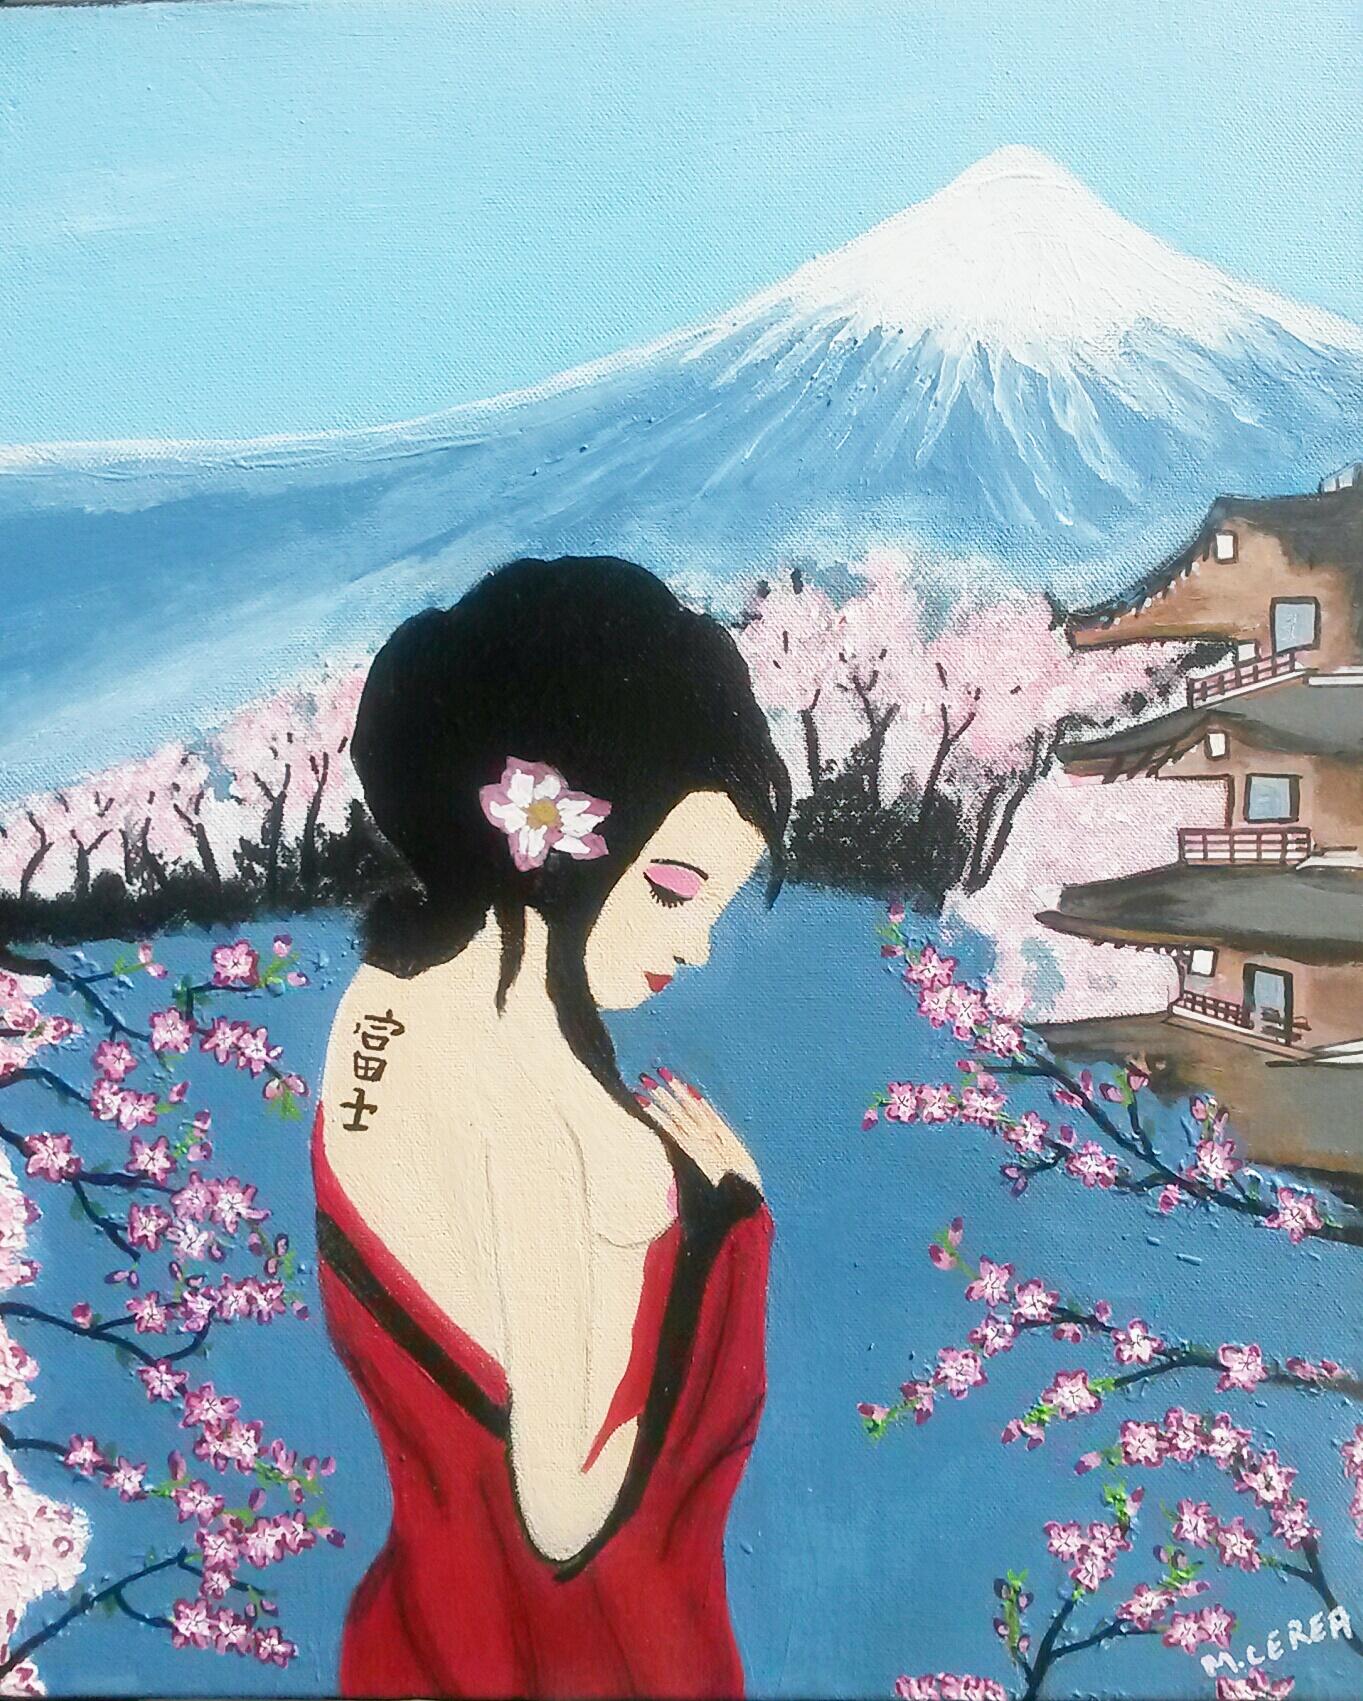 Portrait de femme japonaise devant le mont fuji